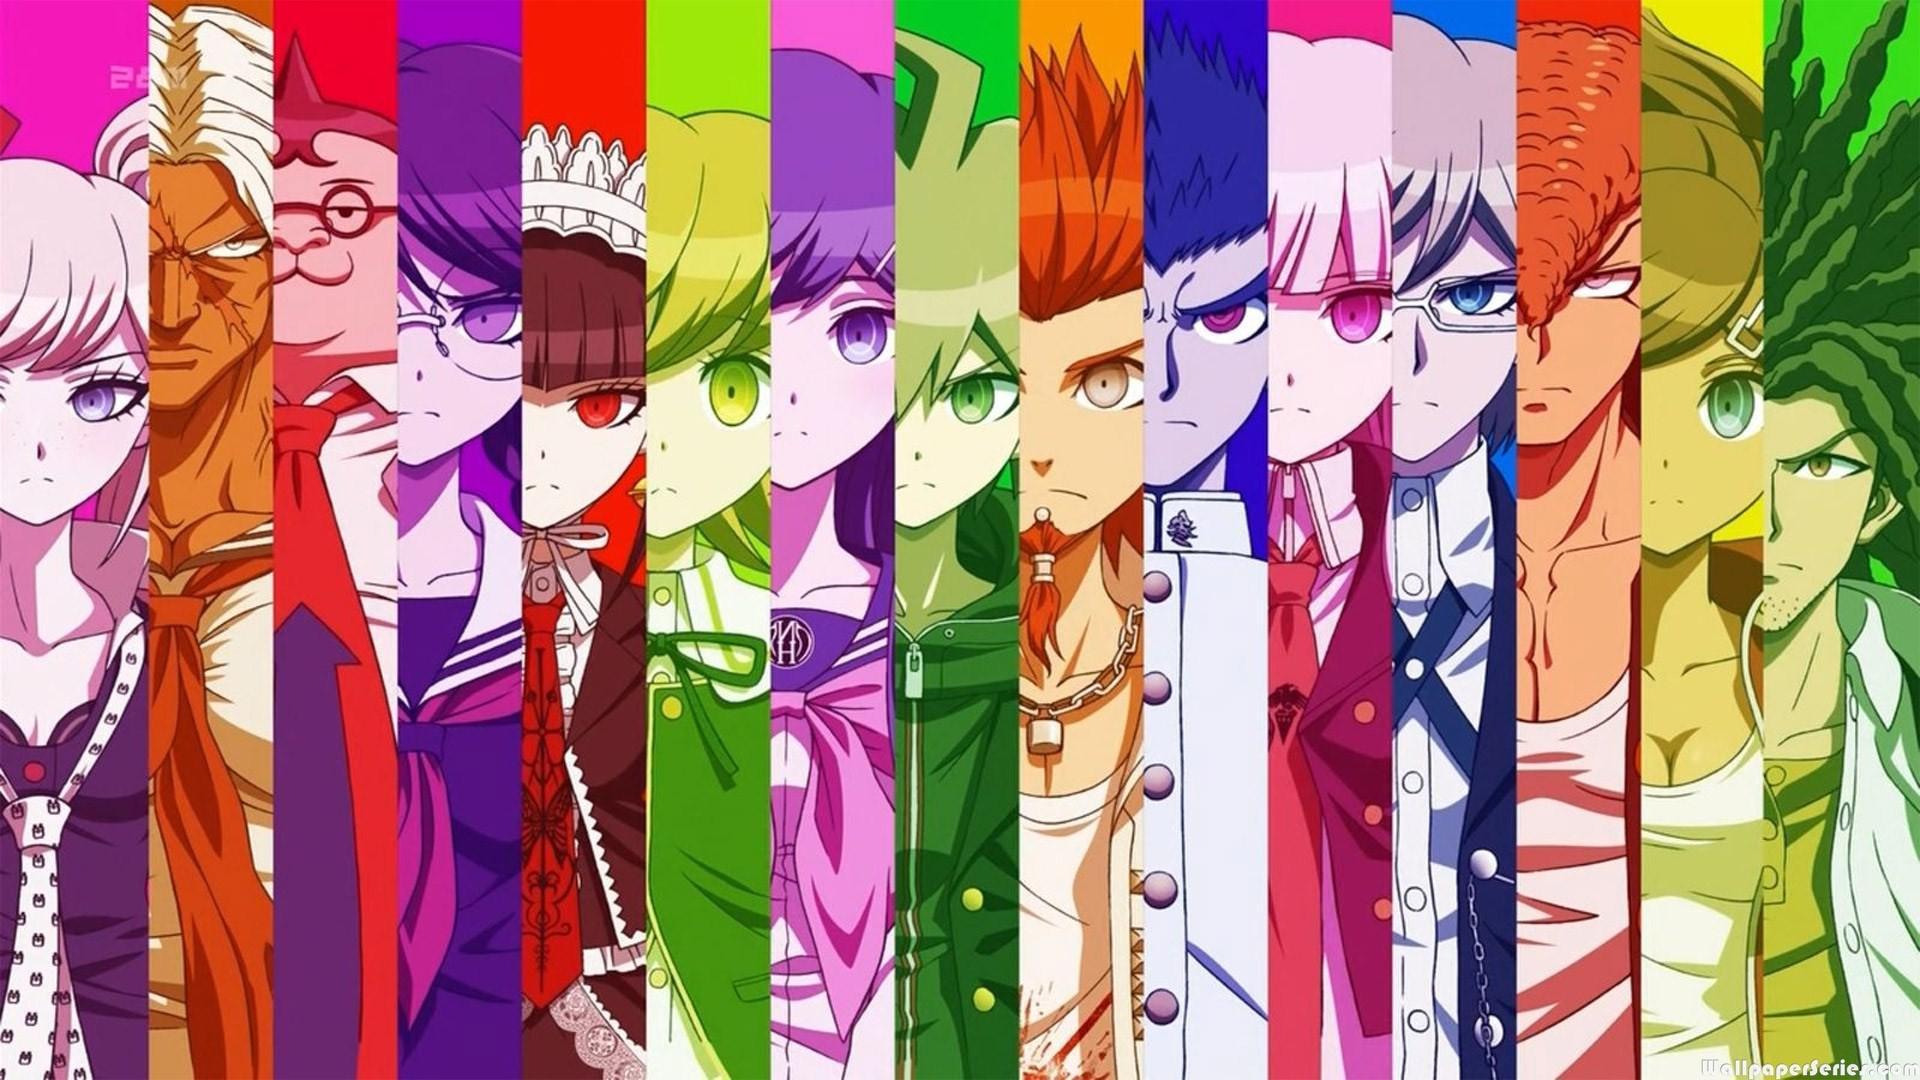 HD Danganronpa 2 Goodbye Despair PS Vita Characters Wallpaper